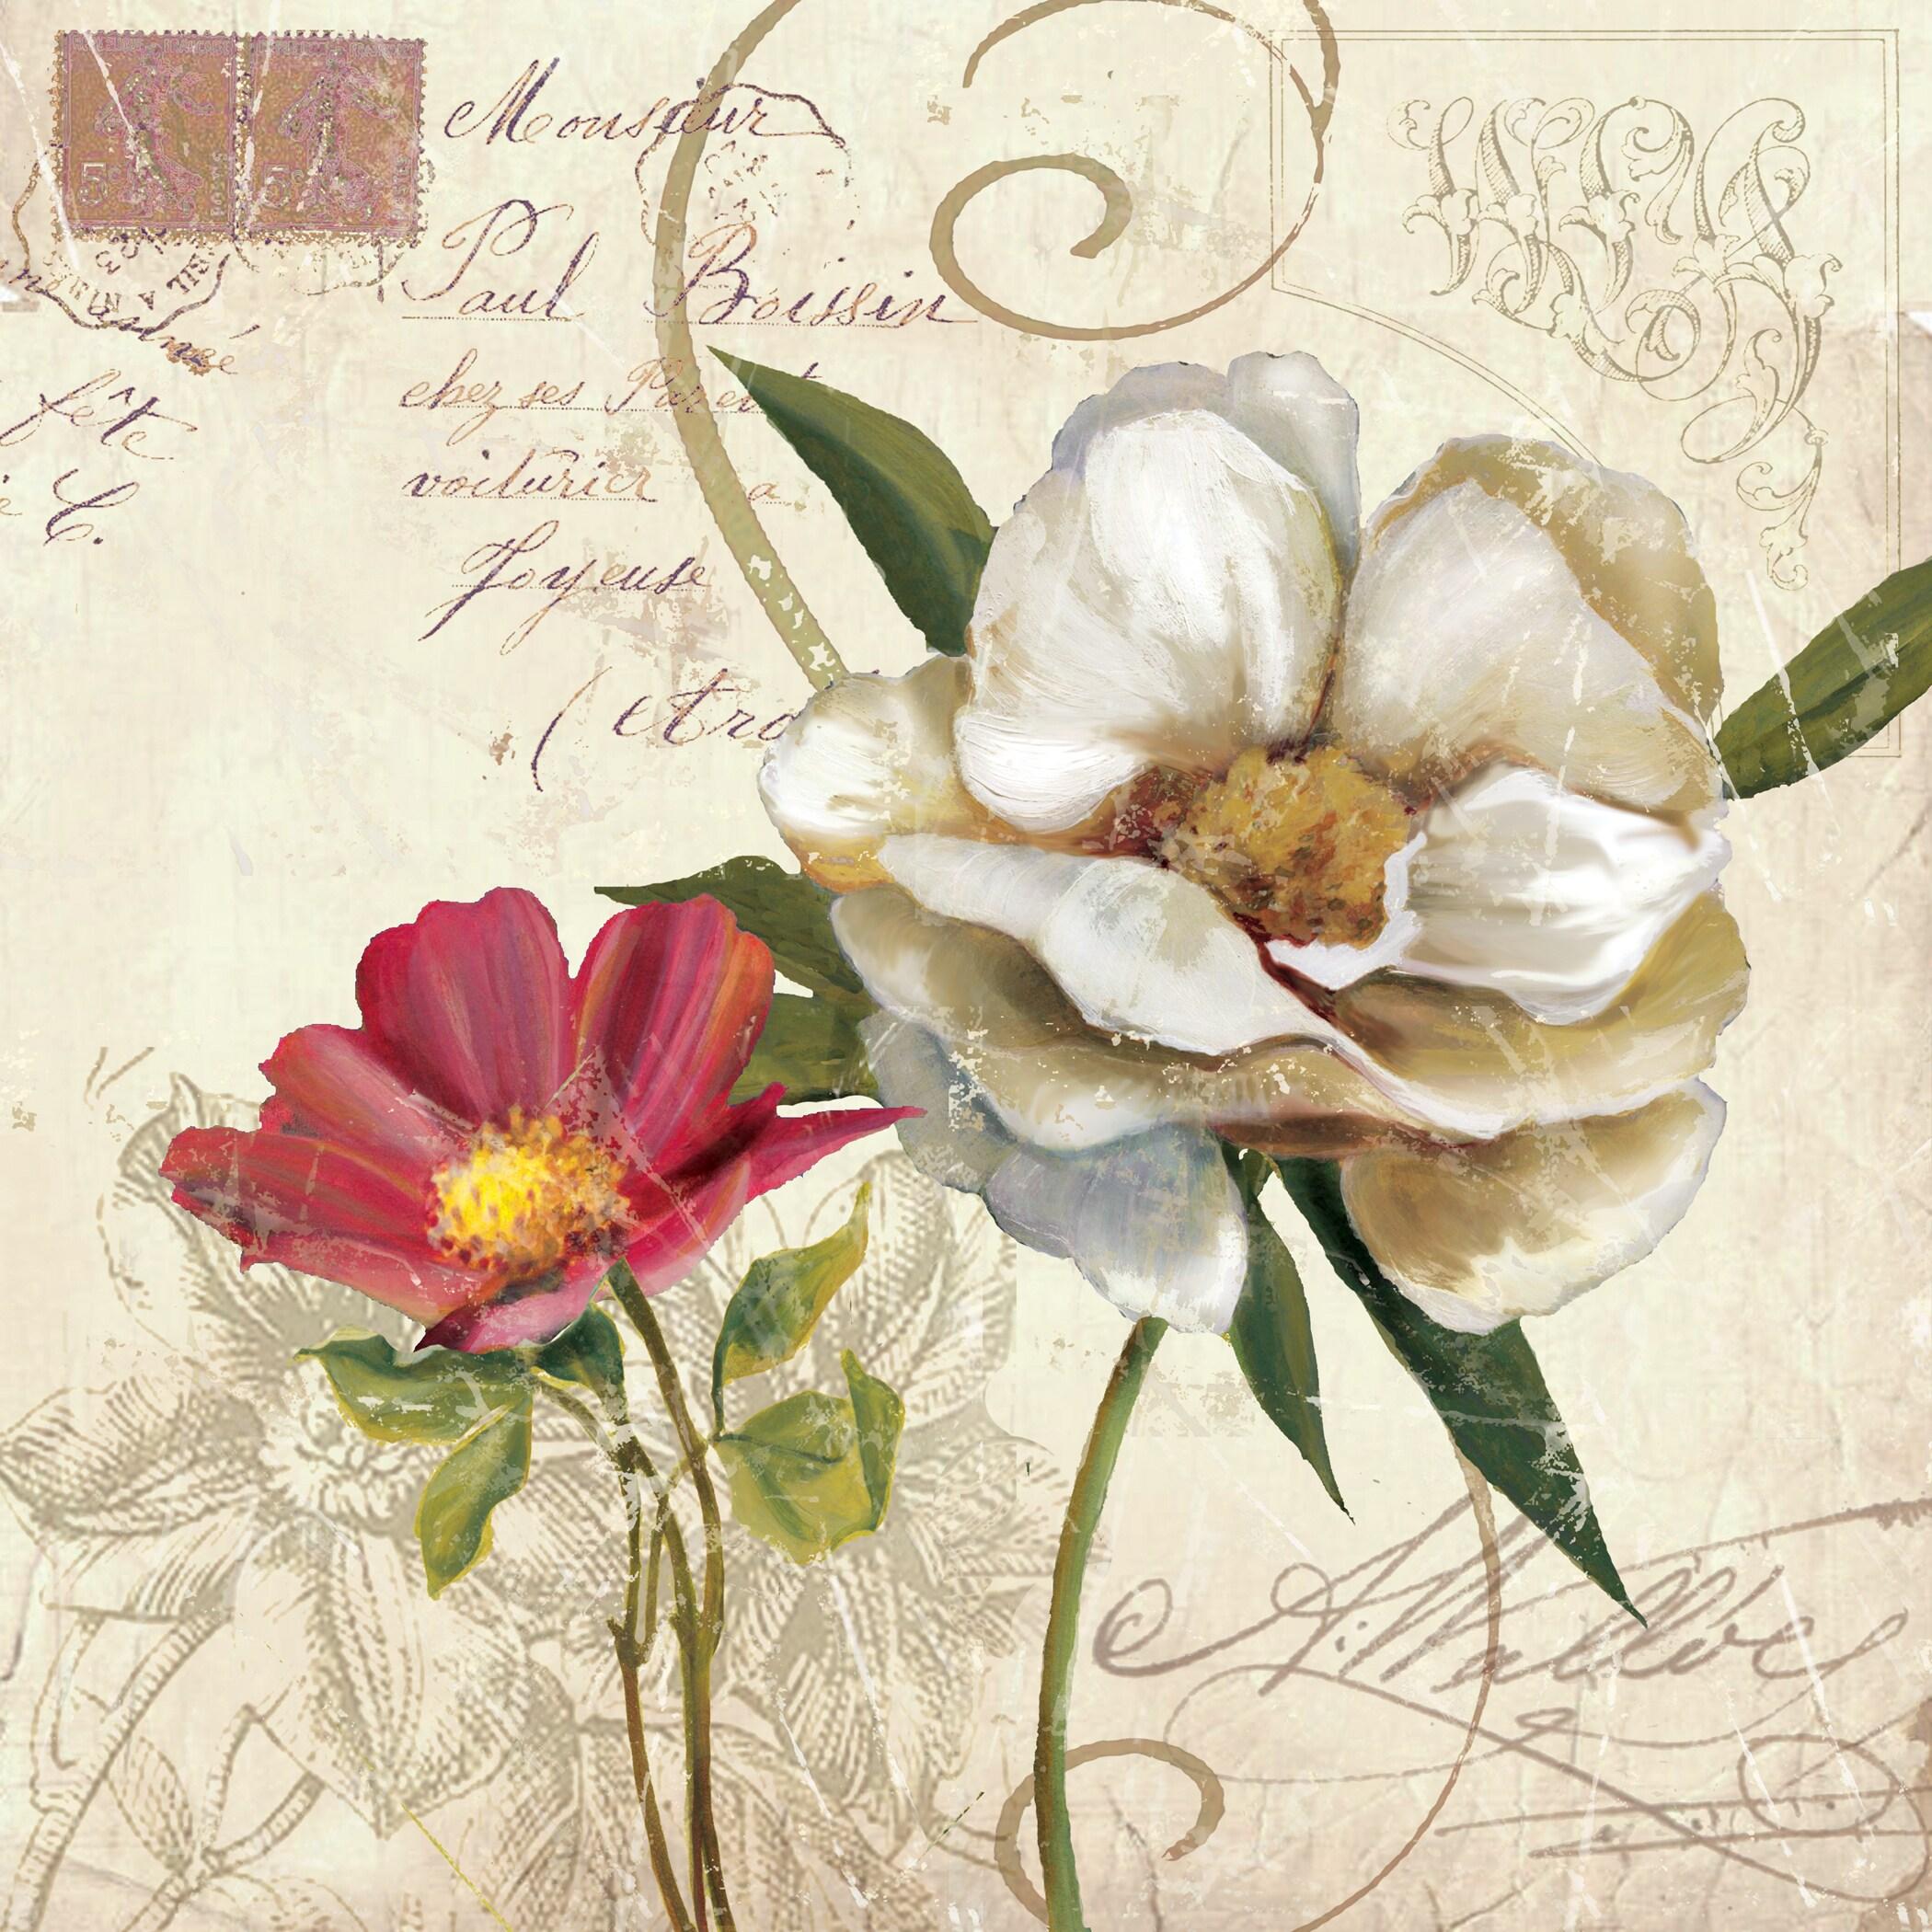 Franklin Wall Art Portfolio Canvas Decor Fleurs De Paris 1 by E 24 x 24